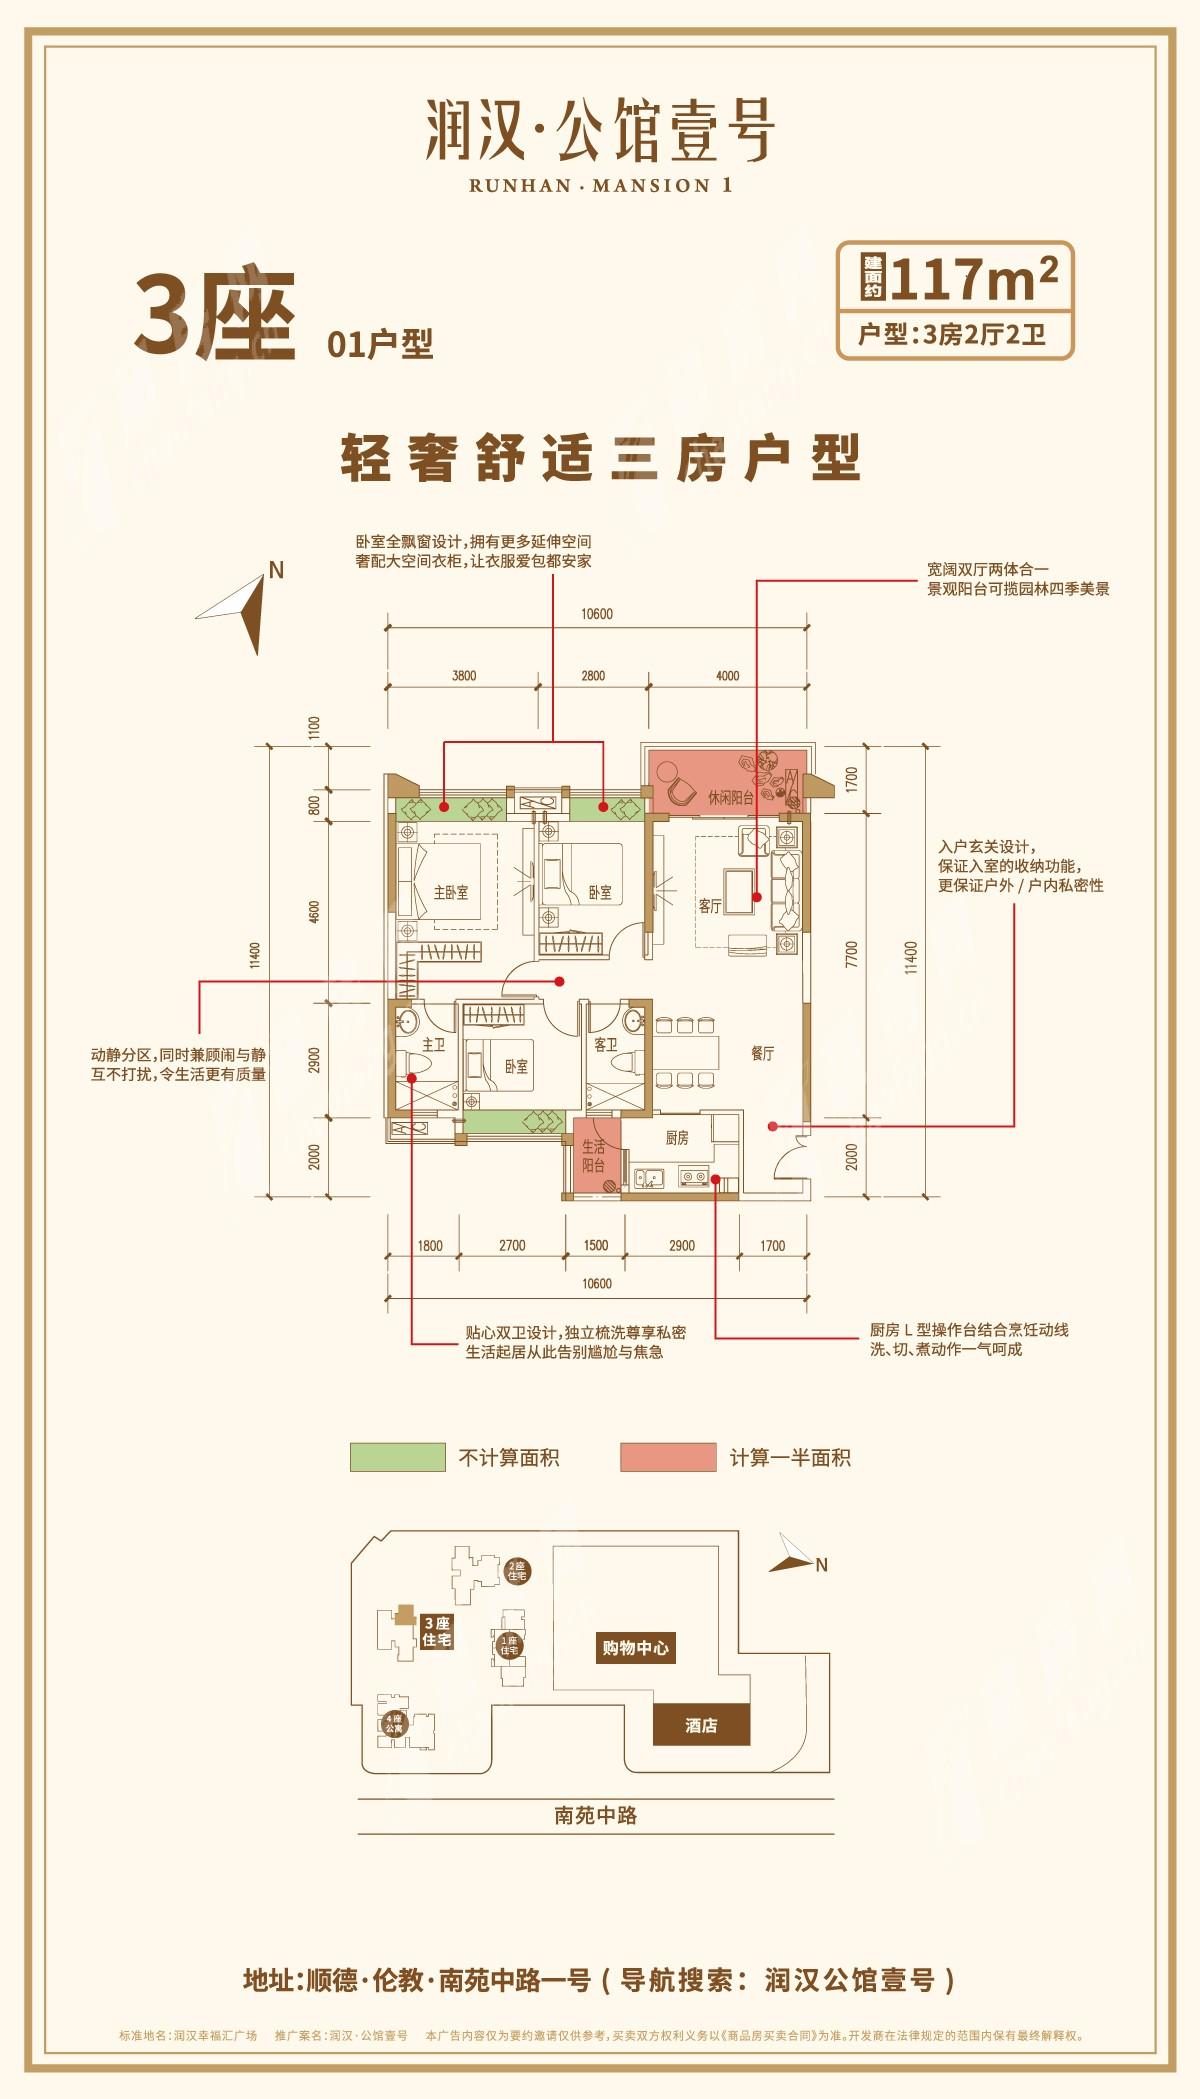 潤漢公館壹號(新房)新房117㎡ 3室2廳2衛戶型圖